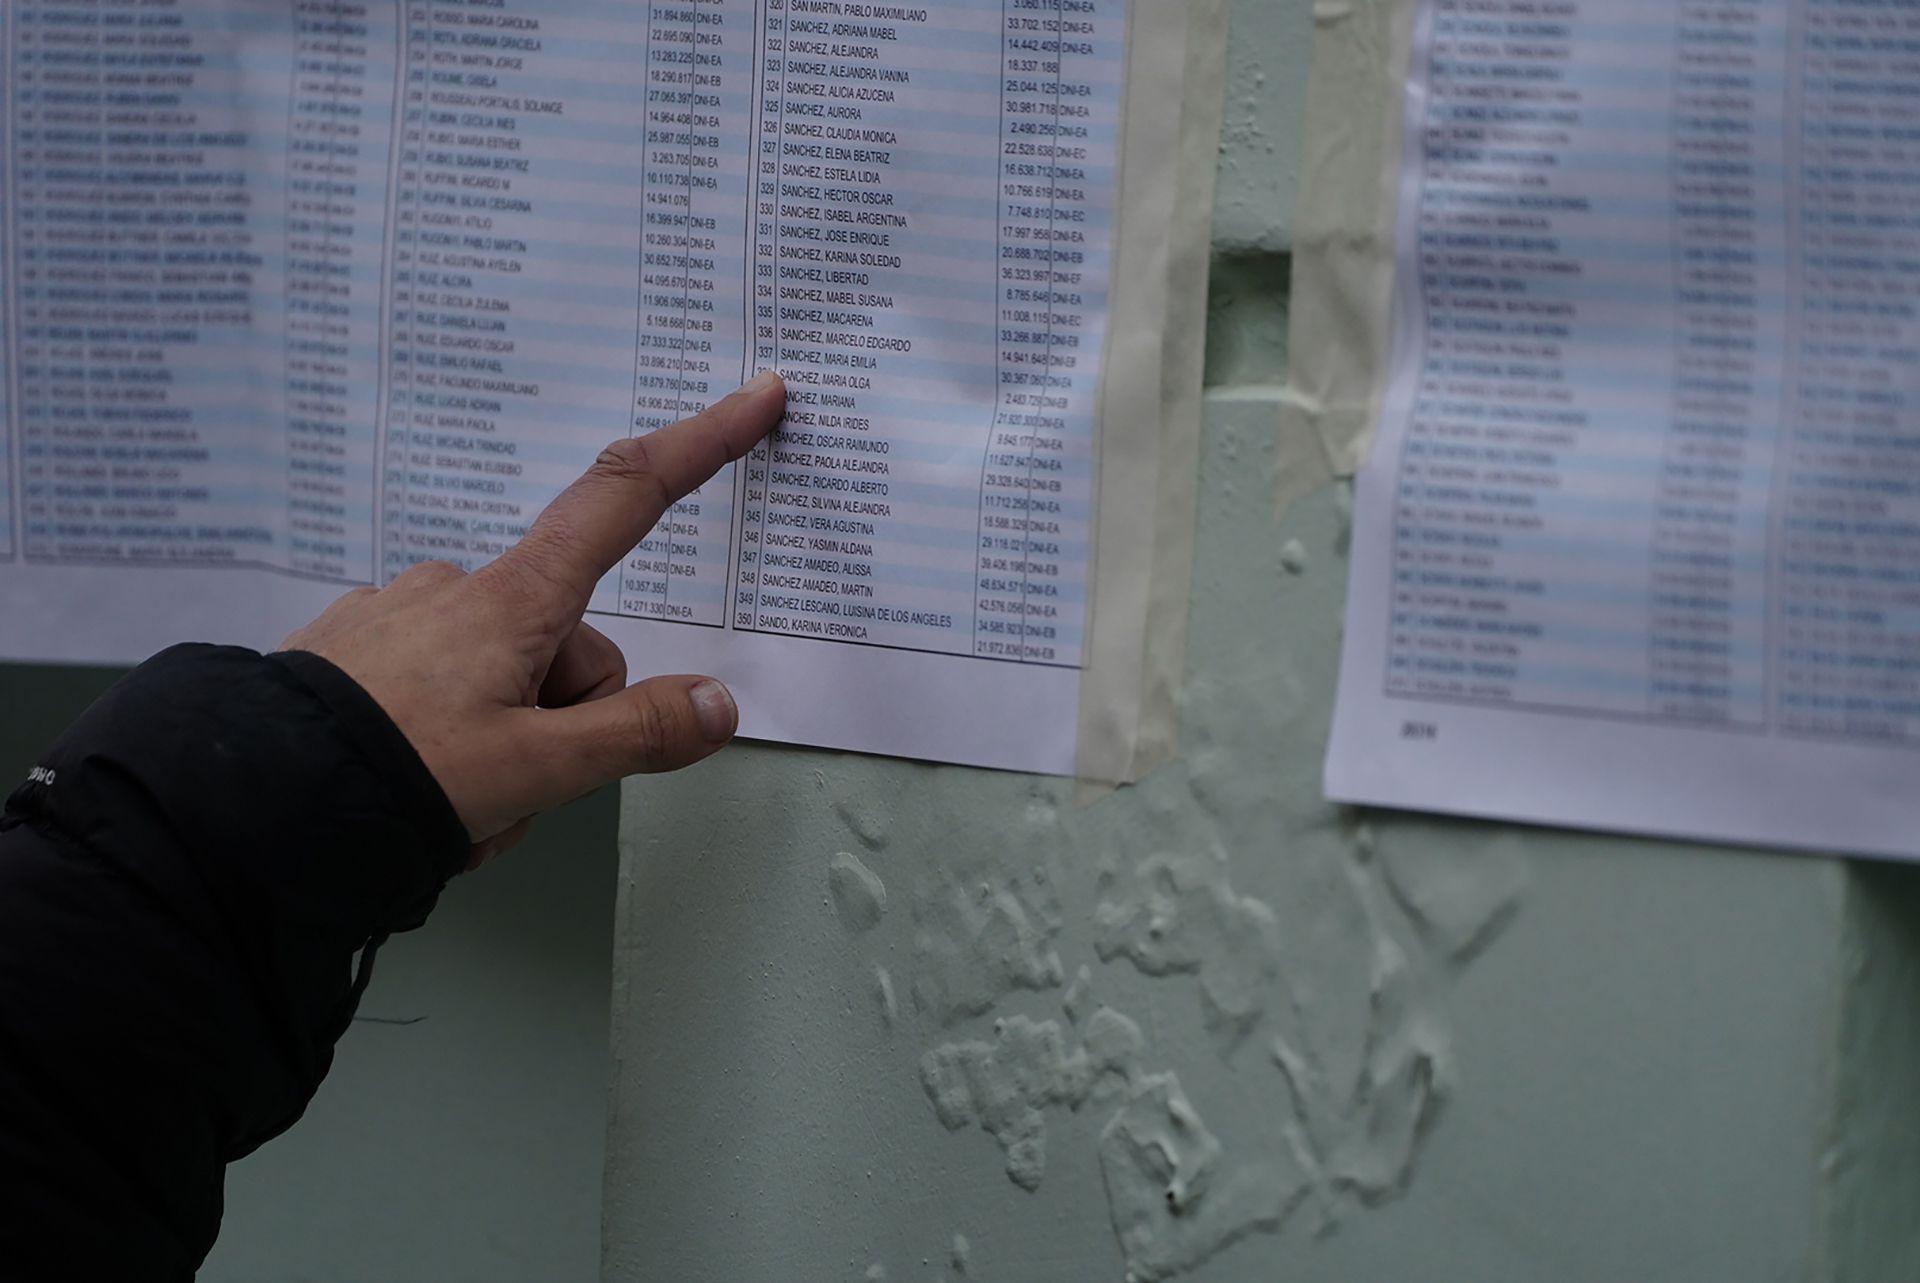 Votaciones PASO 2021 - Gente votando - Argentina - San Fernando Provincia de Buenos Aires